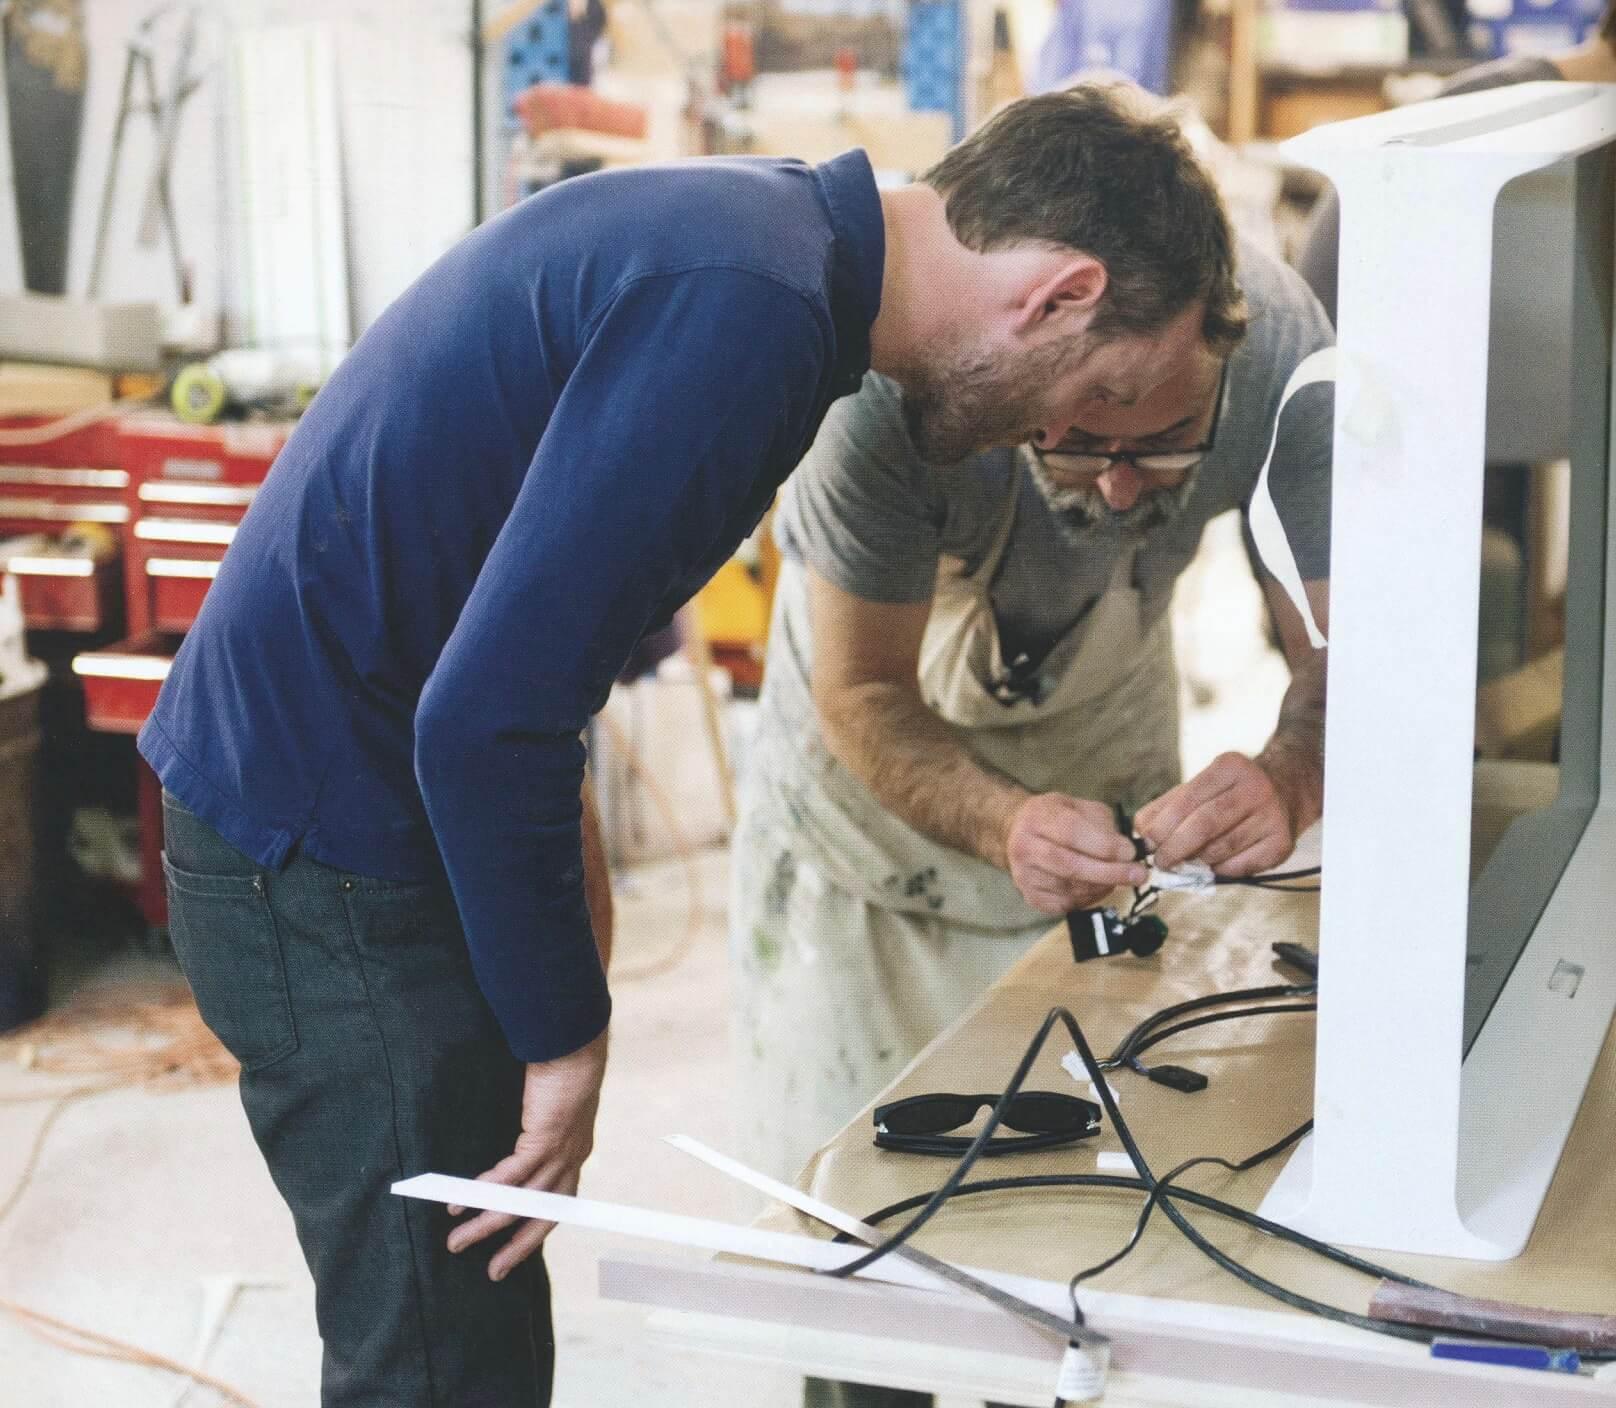 รีวิว 3 ทีวีที่สวยที่สุดเจนเนอเรชั่นนี้ The Frame The Serif และ The Sero 57 - decor